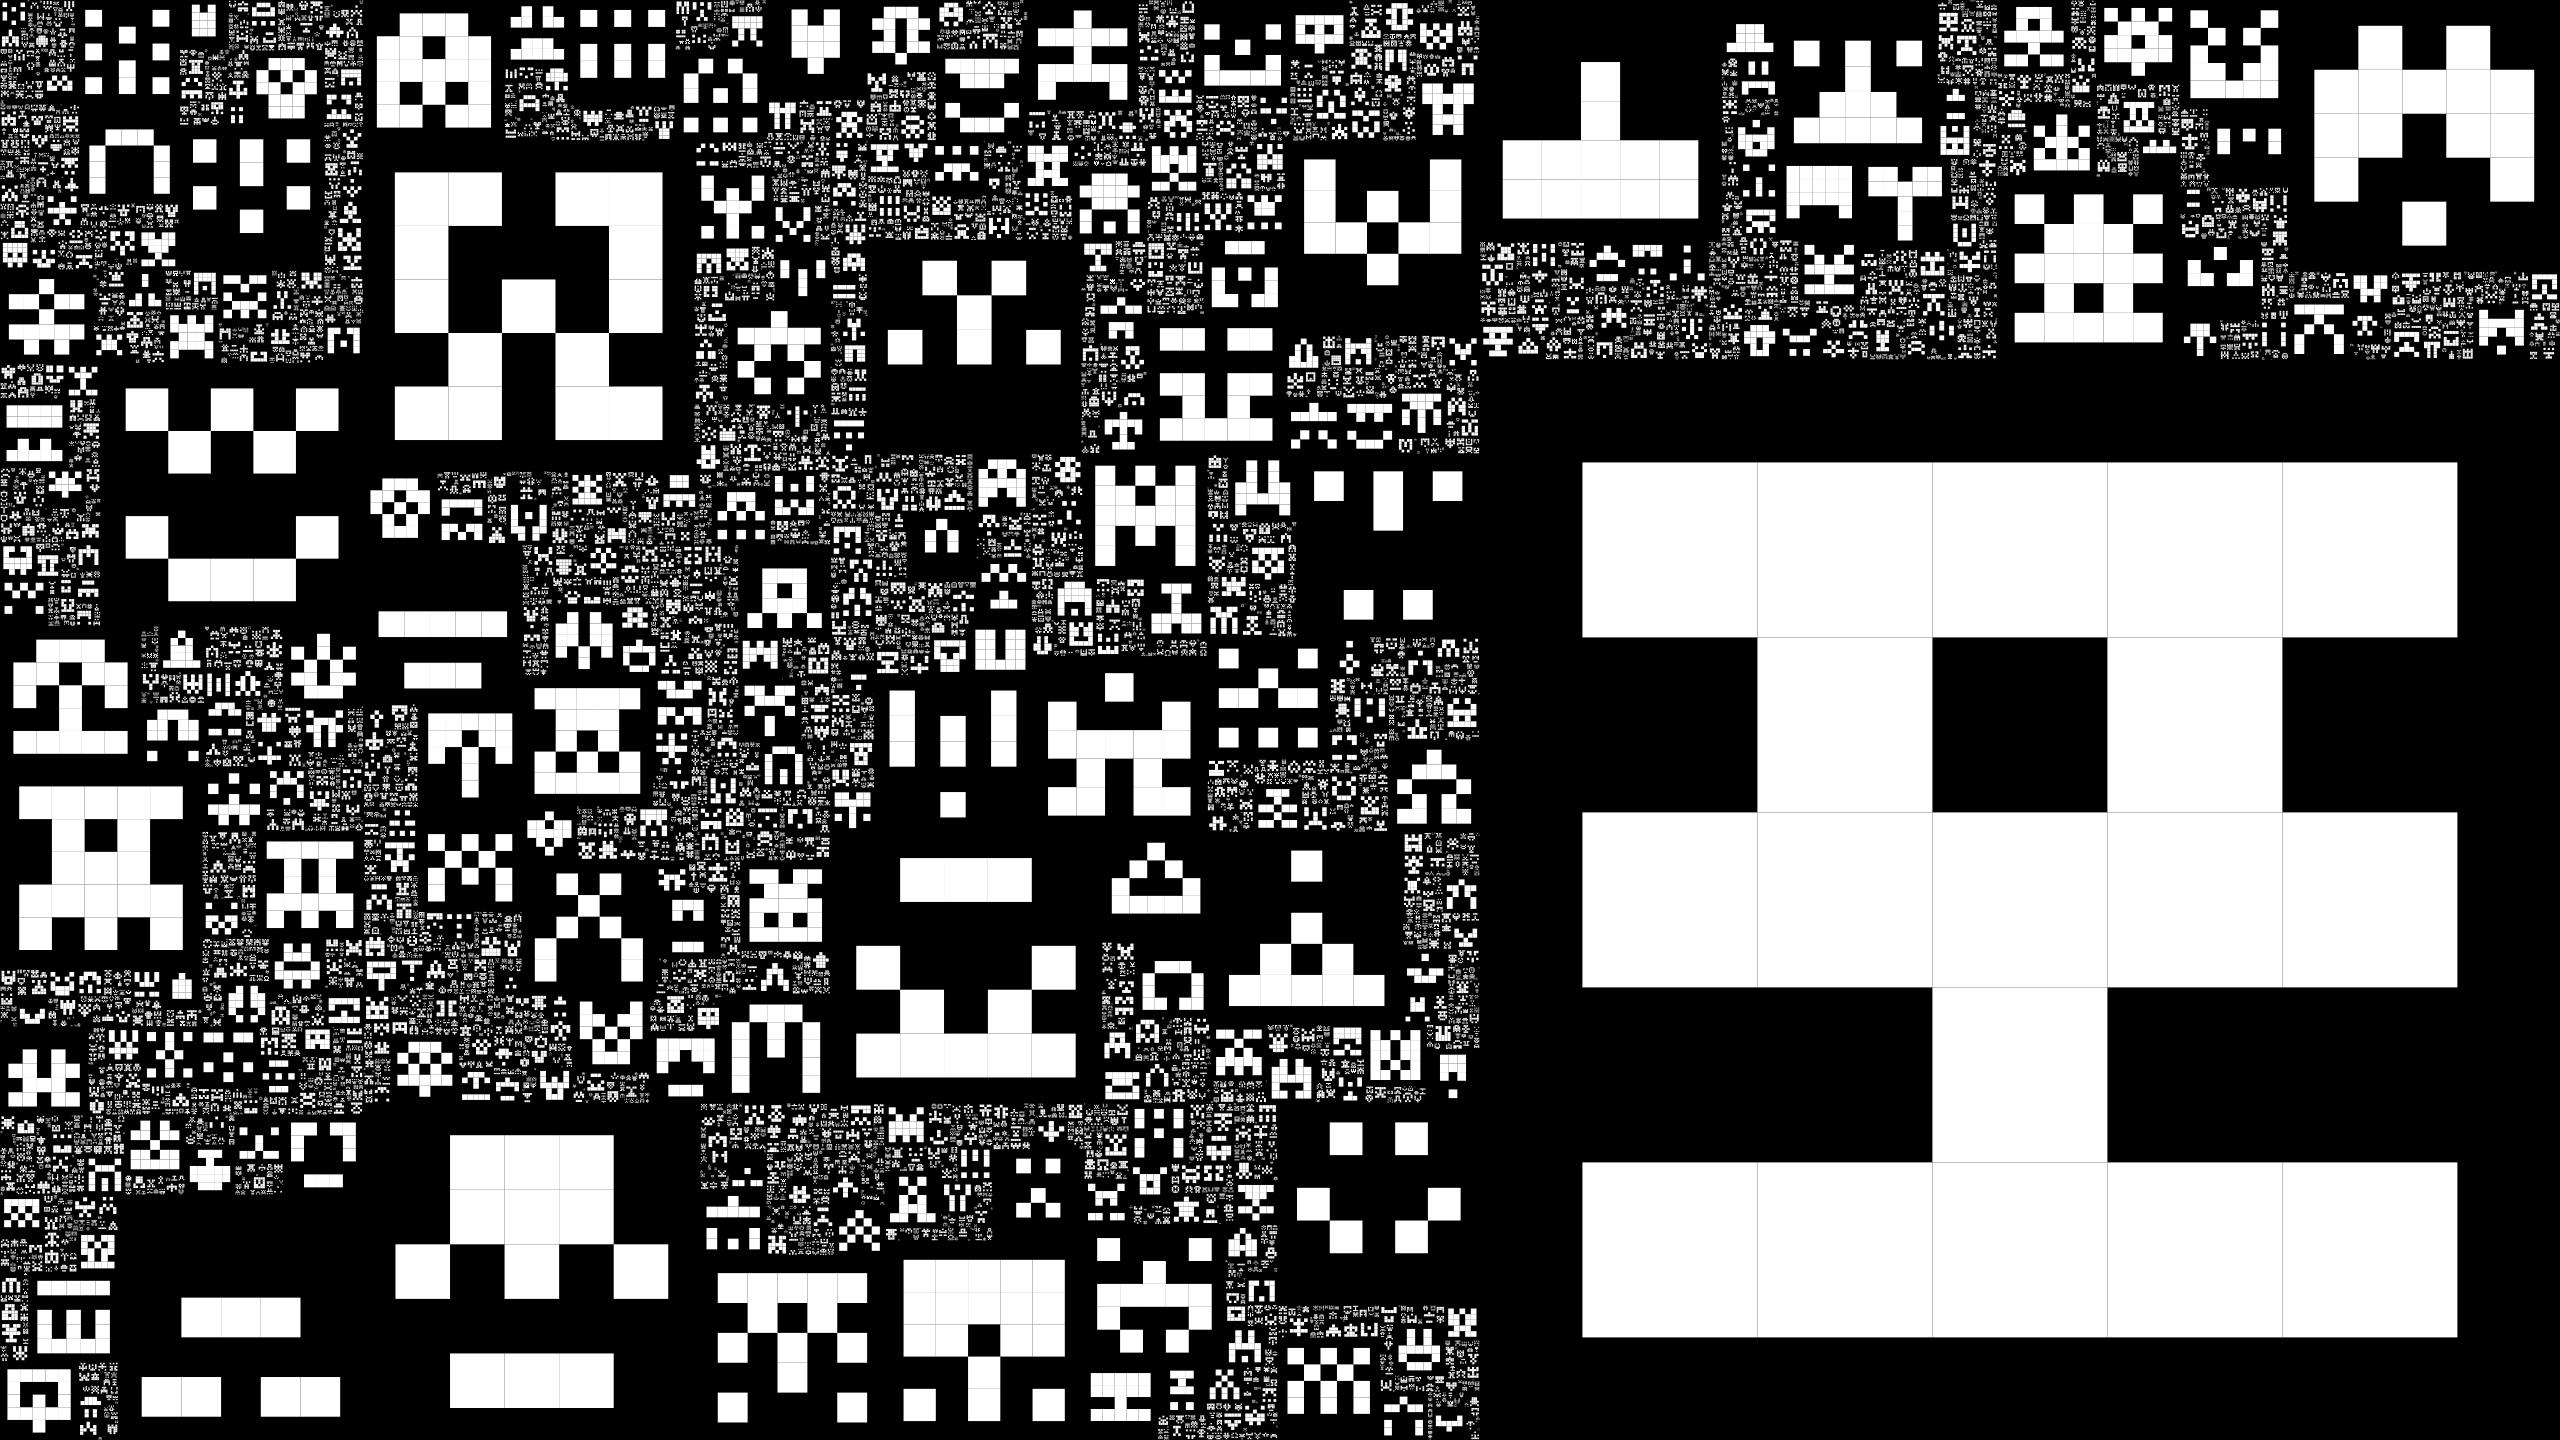 InvaderFractal-510192928